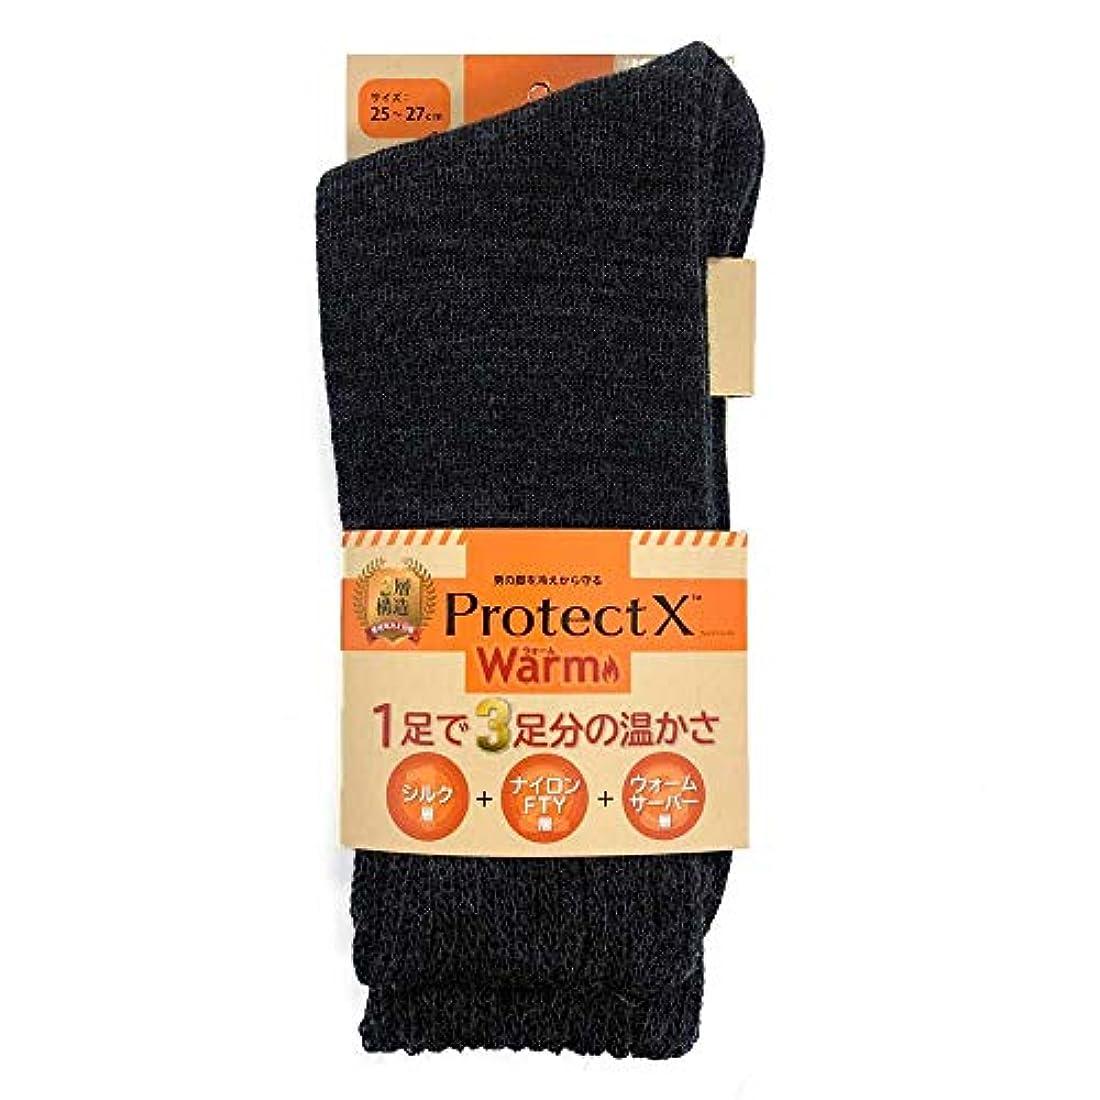 薄めるほこりっぽい凝縮する冷え性対策 履き口柔らか 男性用冷え対策 シルク100%(内側) 3層構造 防寒ソックス 25-27cm チャコールグレー